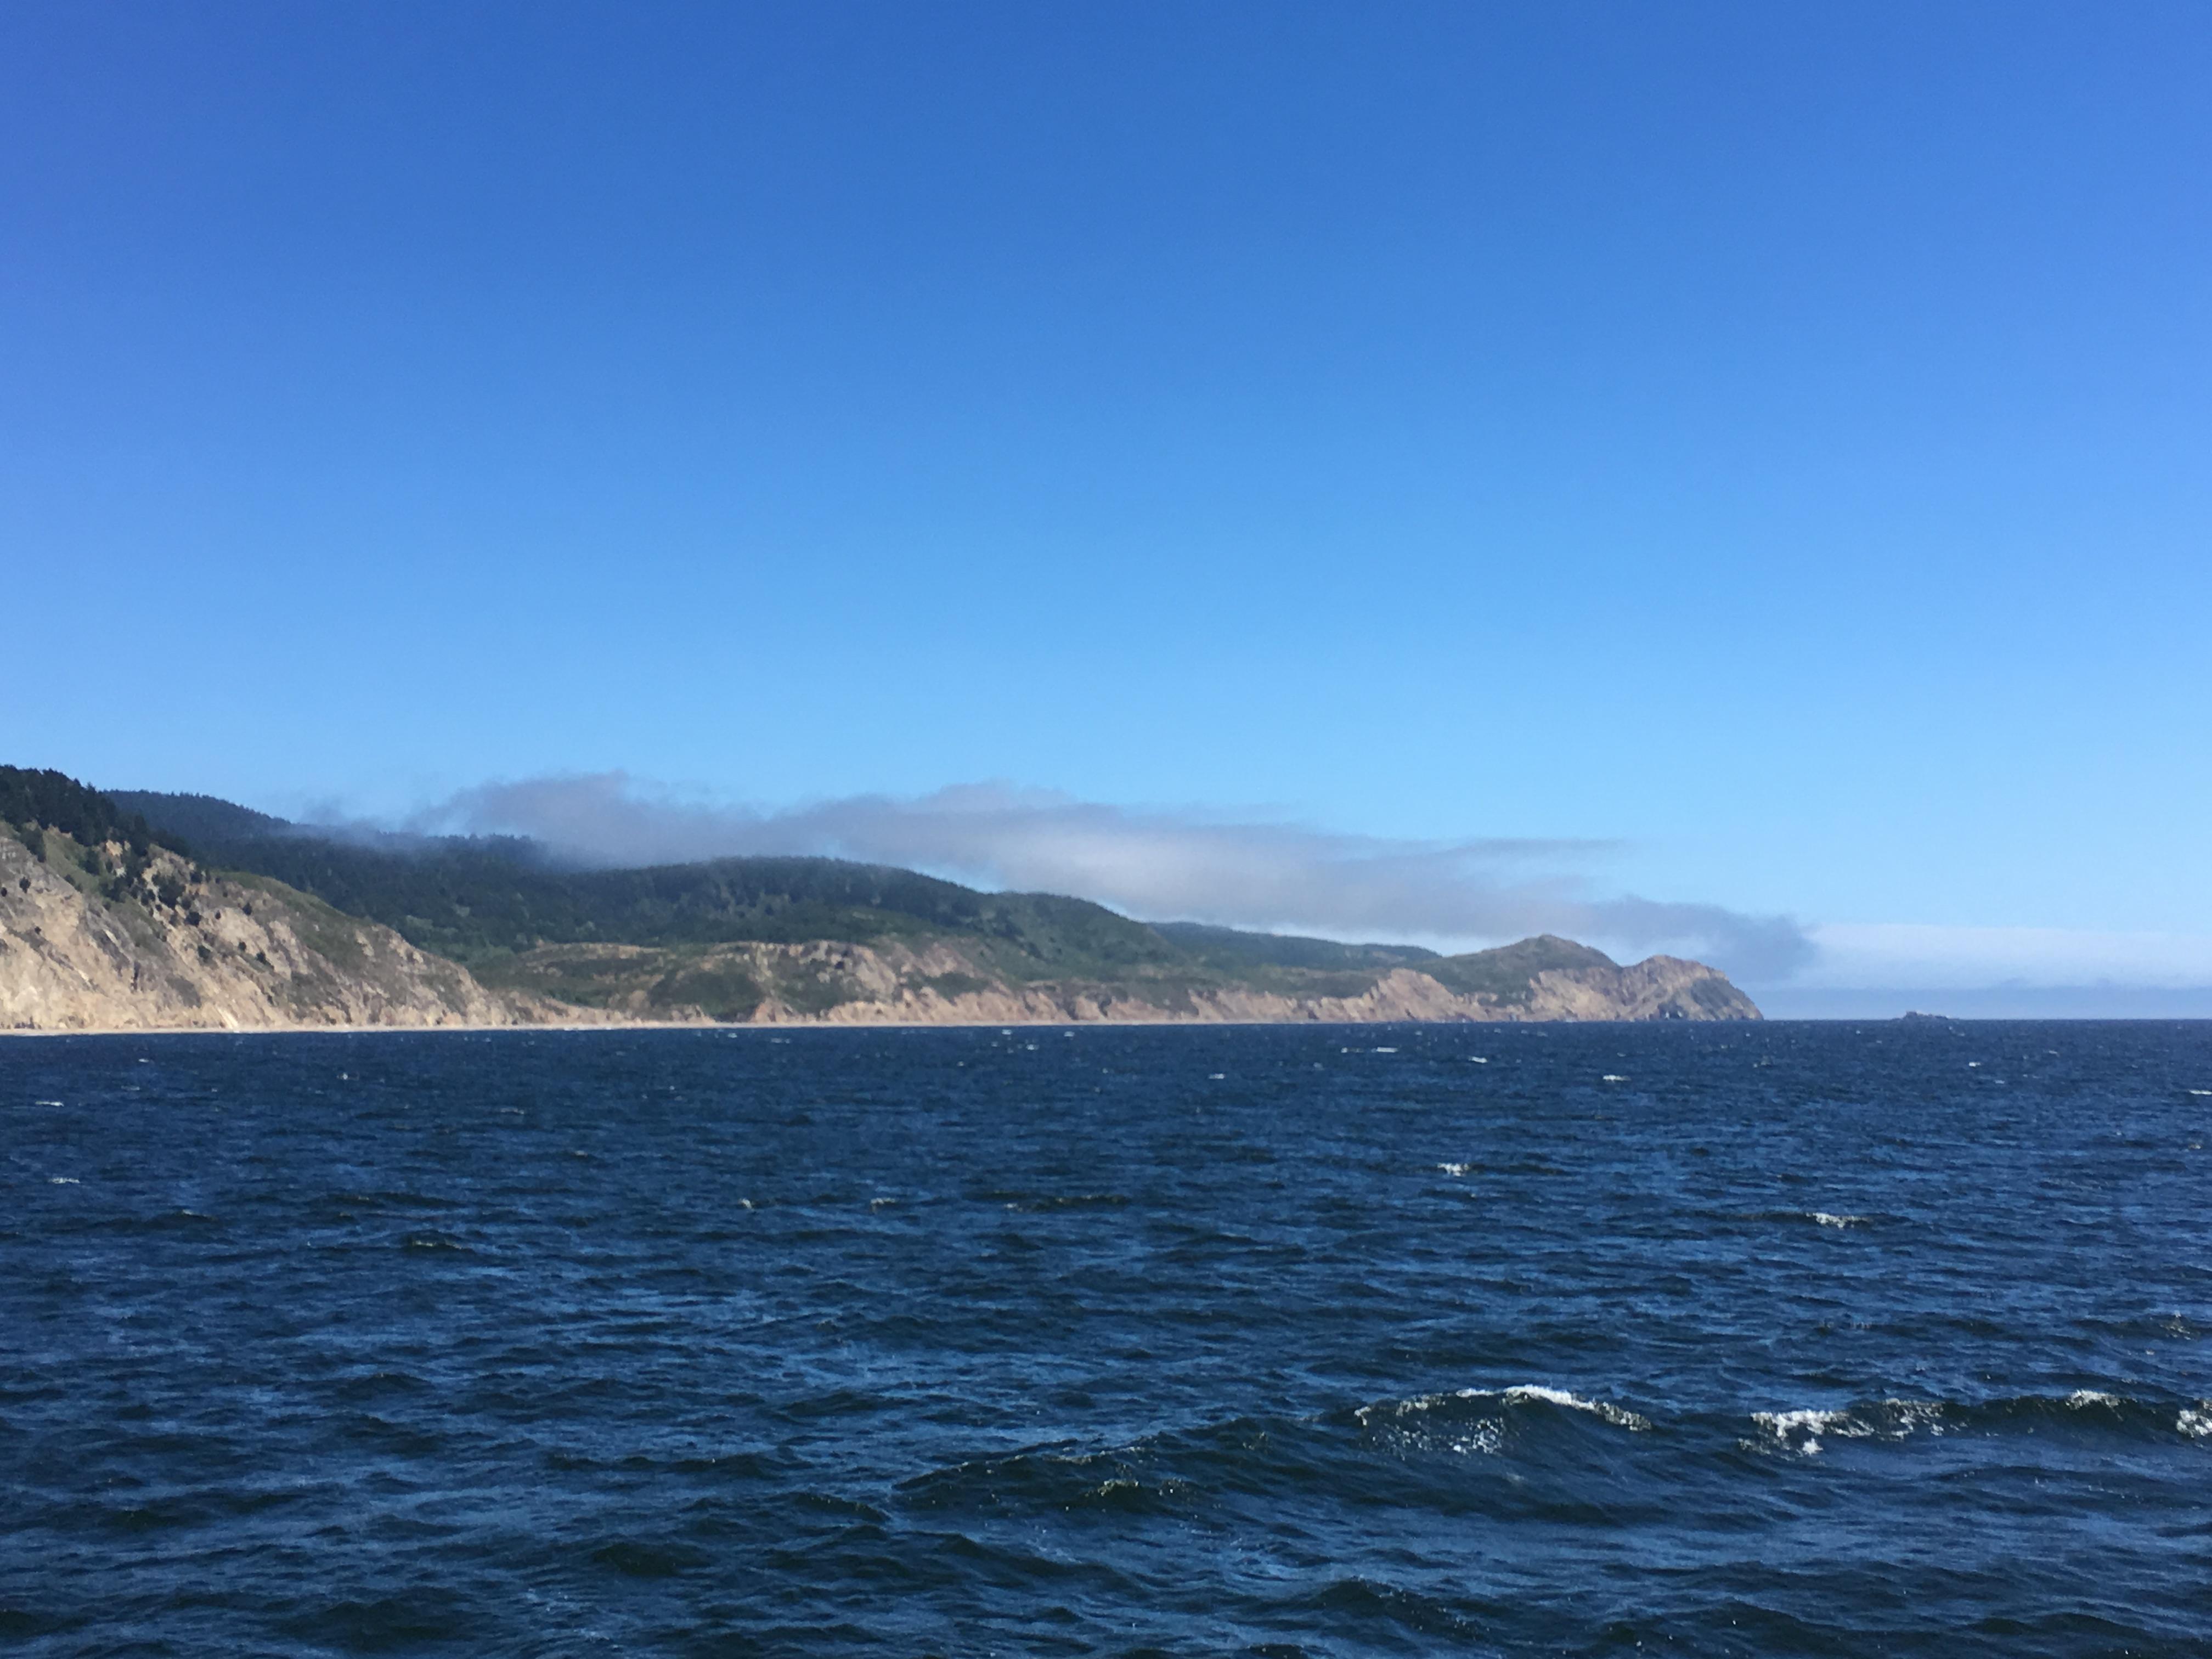 BoBolinas Pointlinas Point